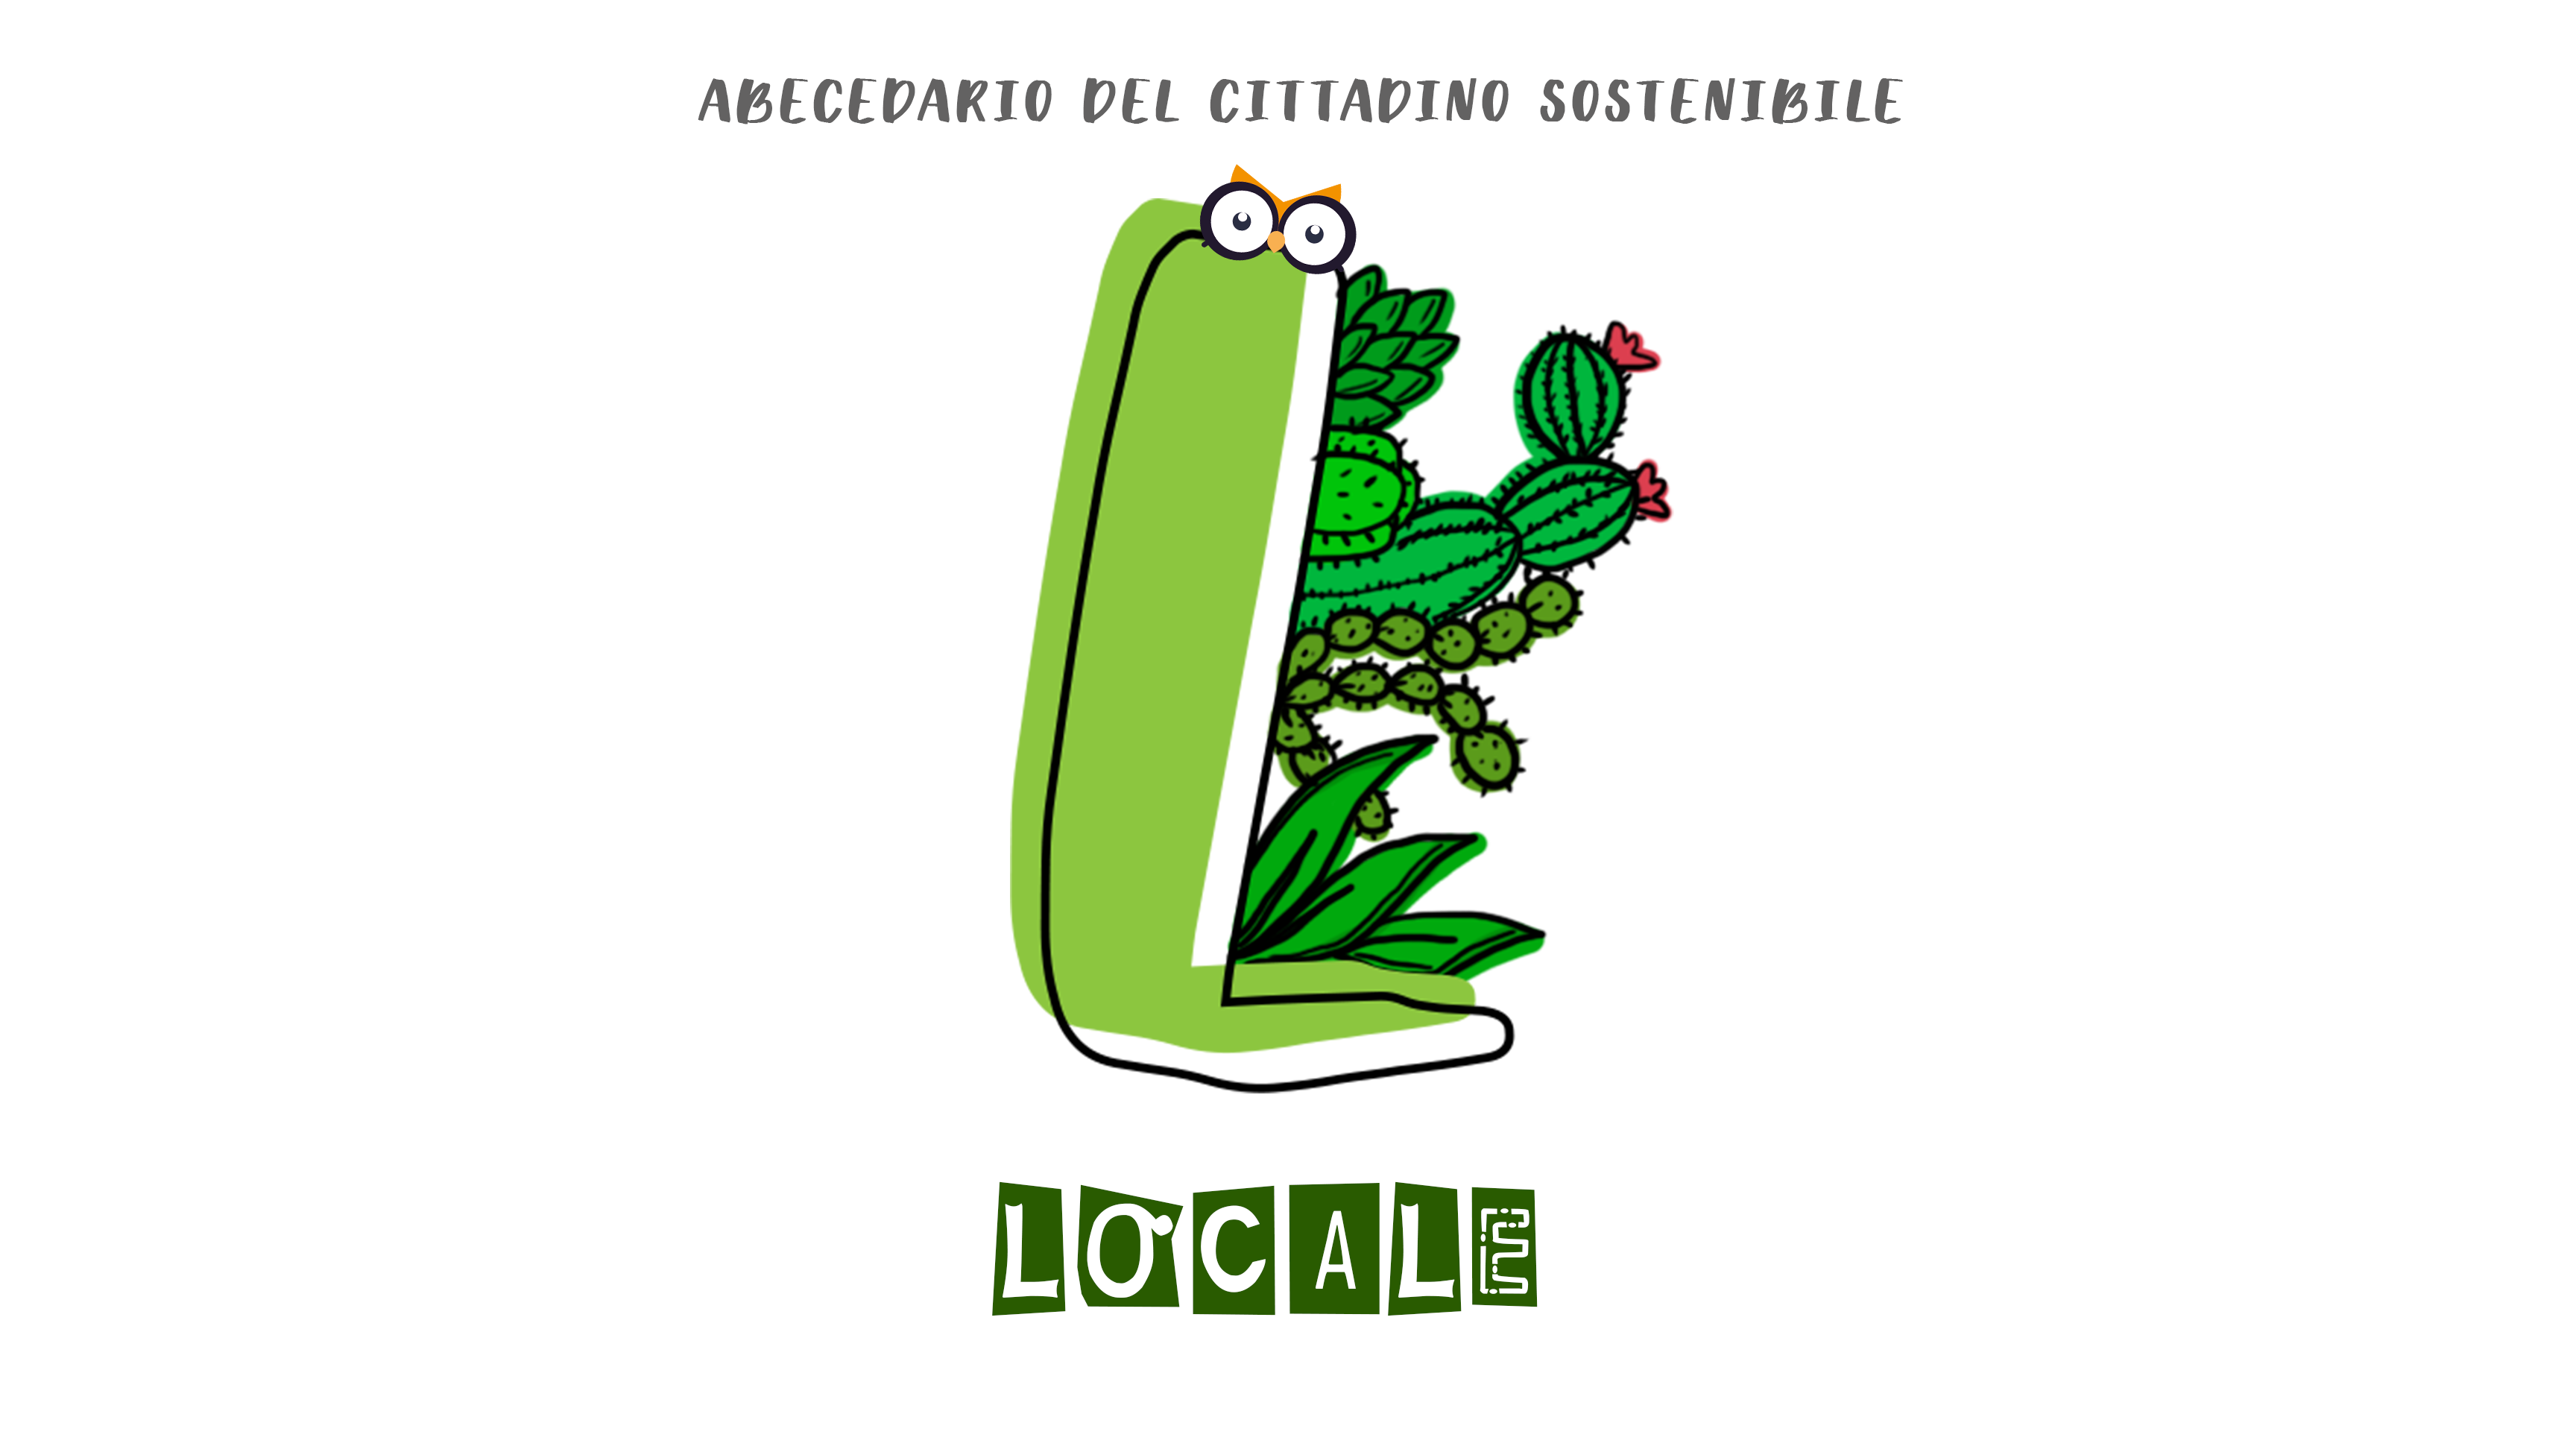 L COME LOCALE - LETTERA